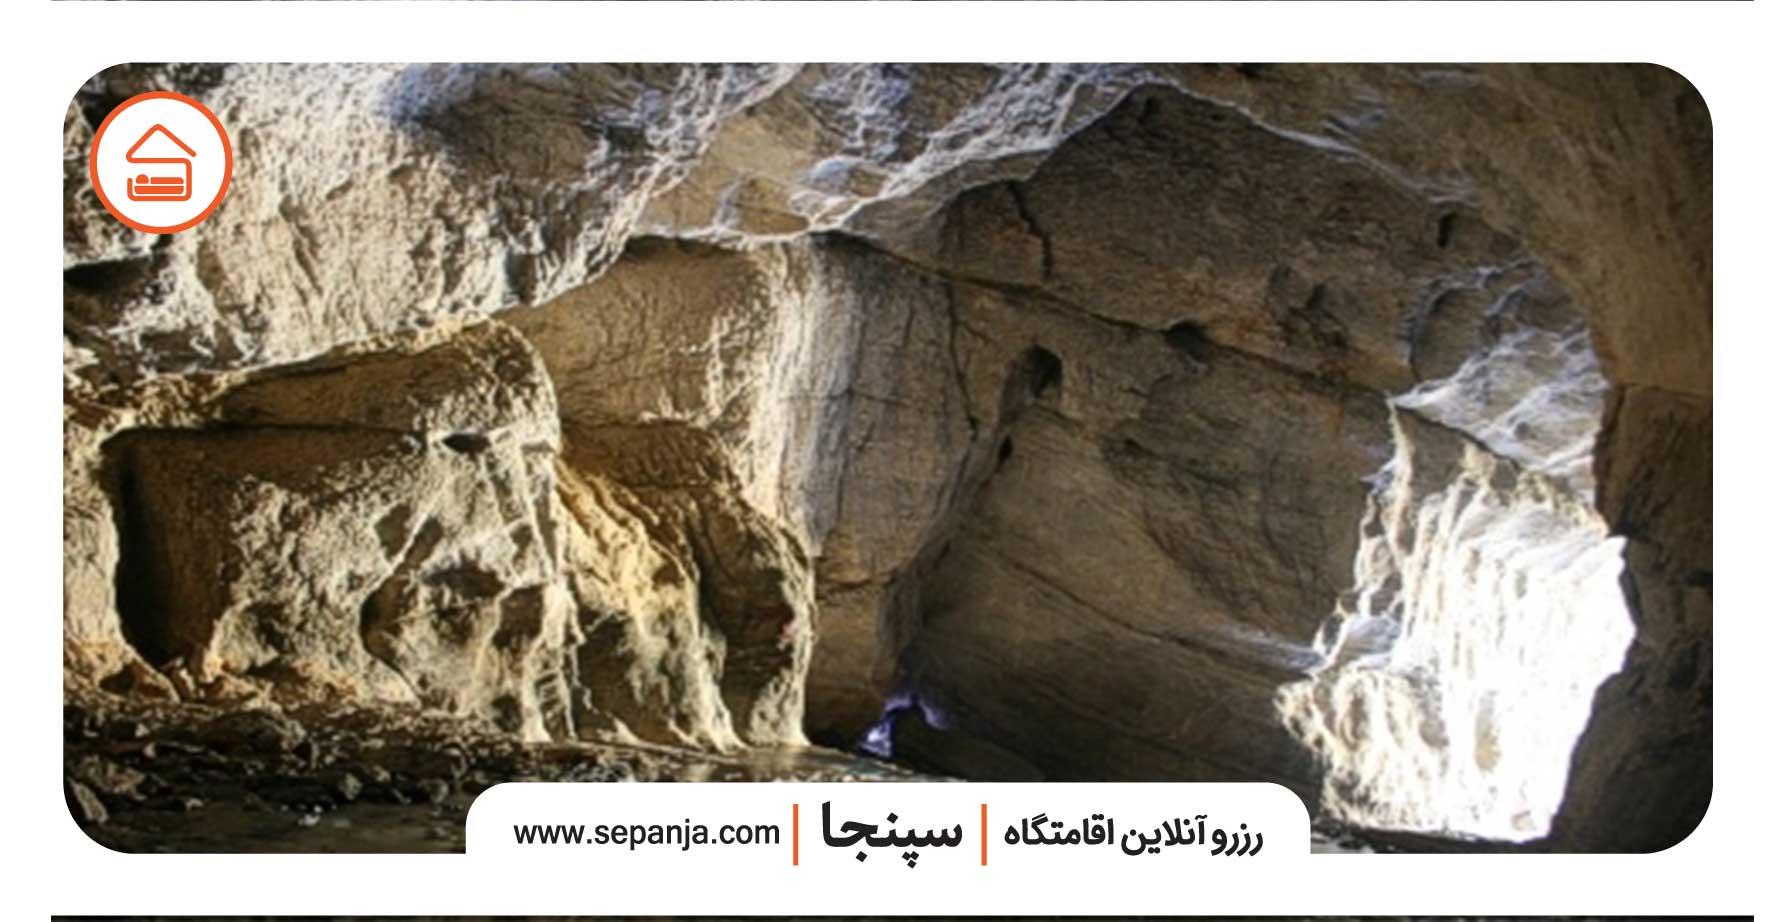 غار شیرآباد